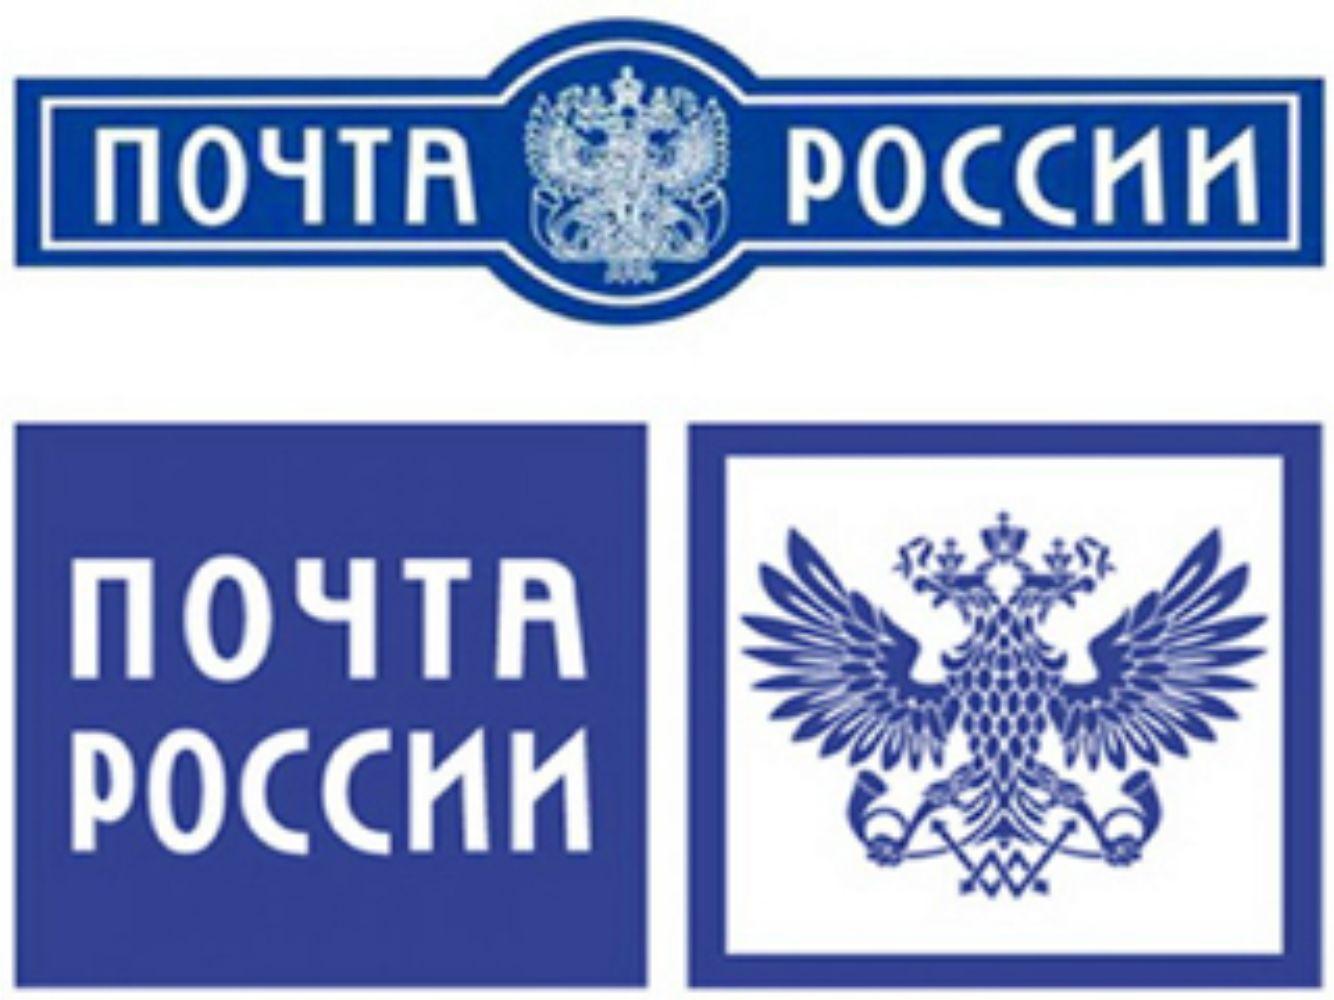 Картинки по запросу почта россии лого